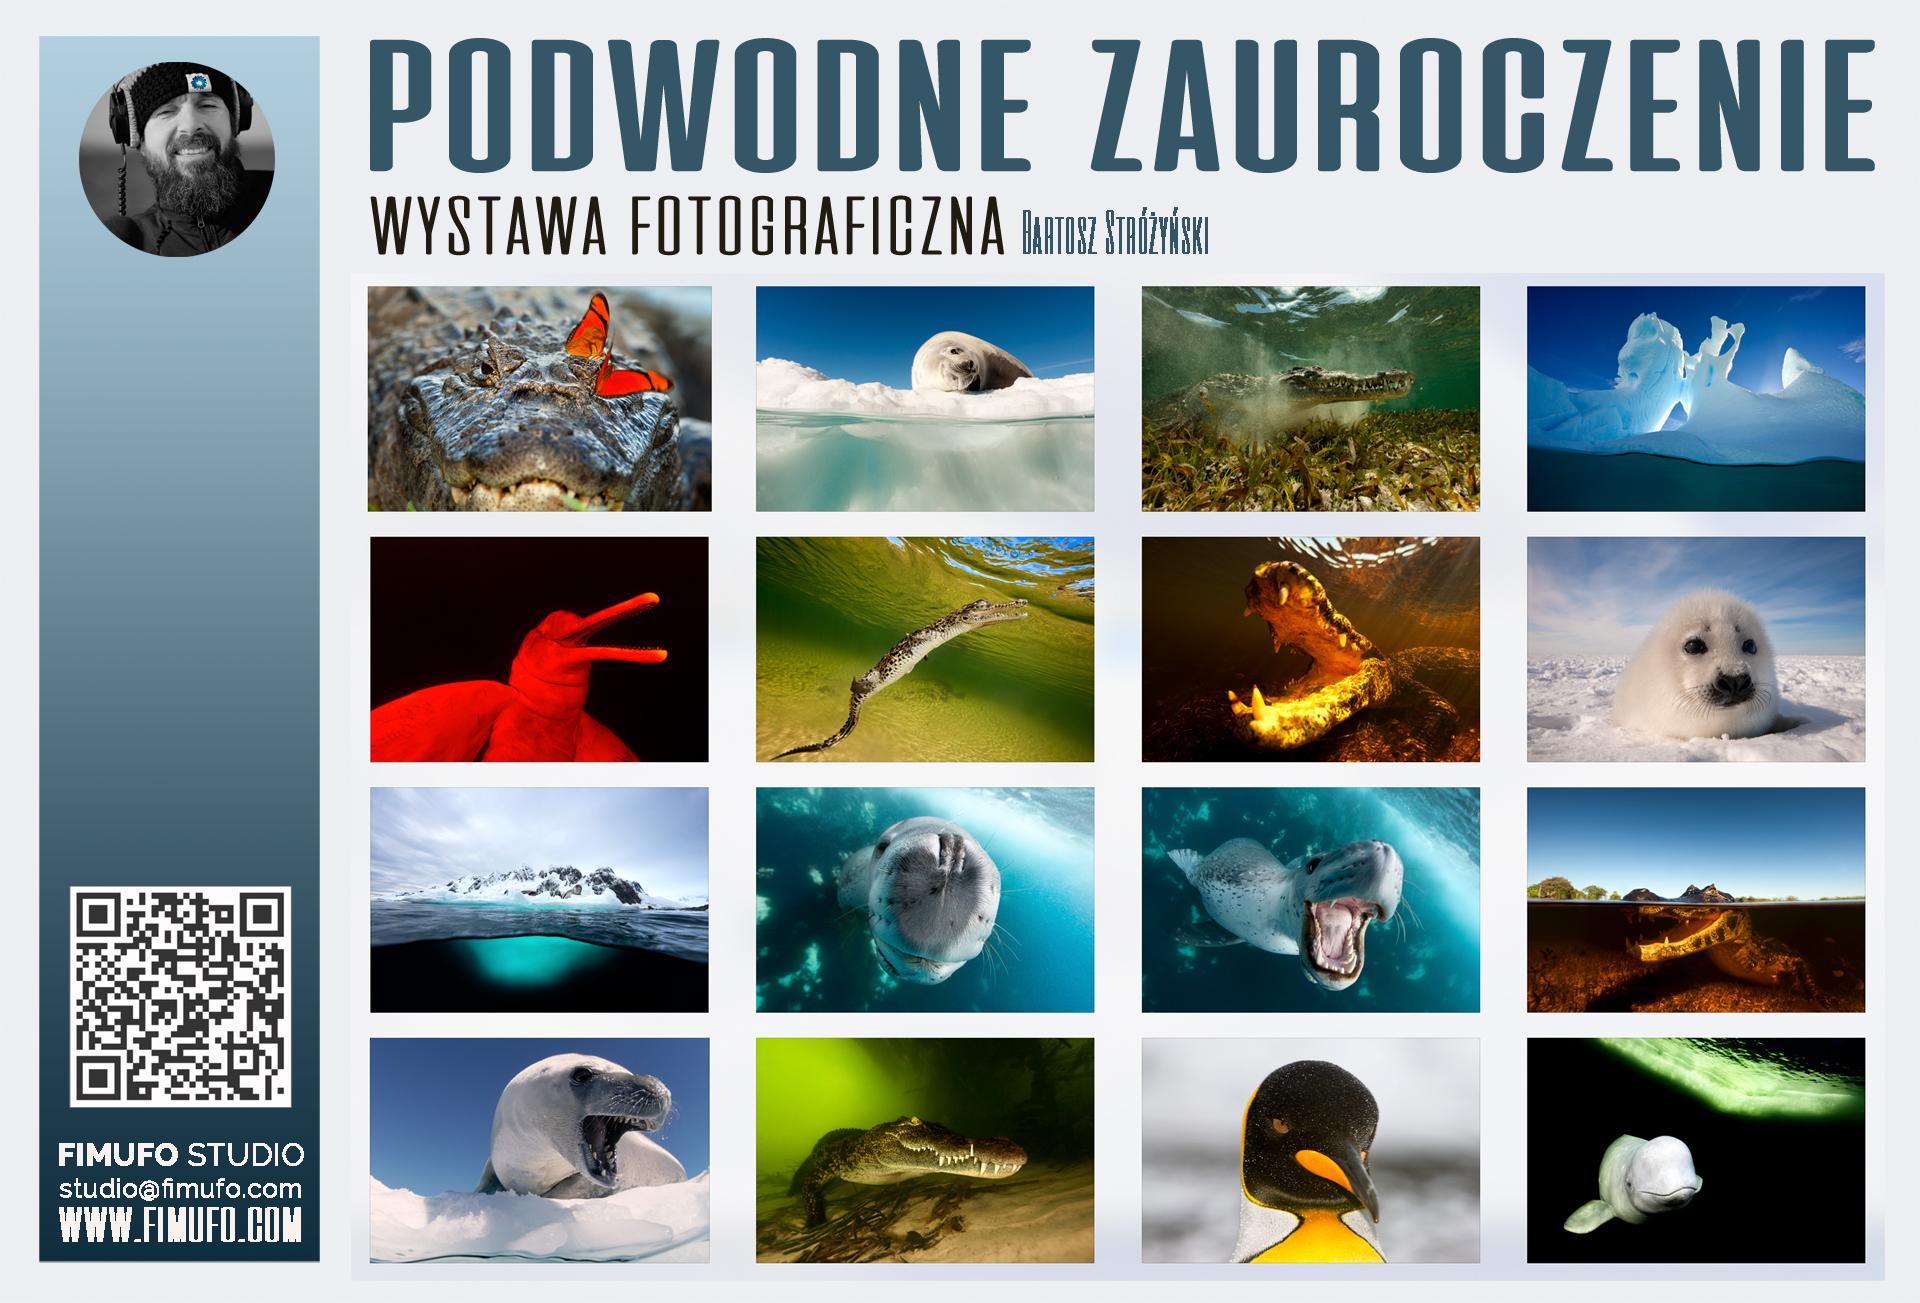 Nowa wystawa Podwodne Zaurocznie Bartosz Strozynski